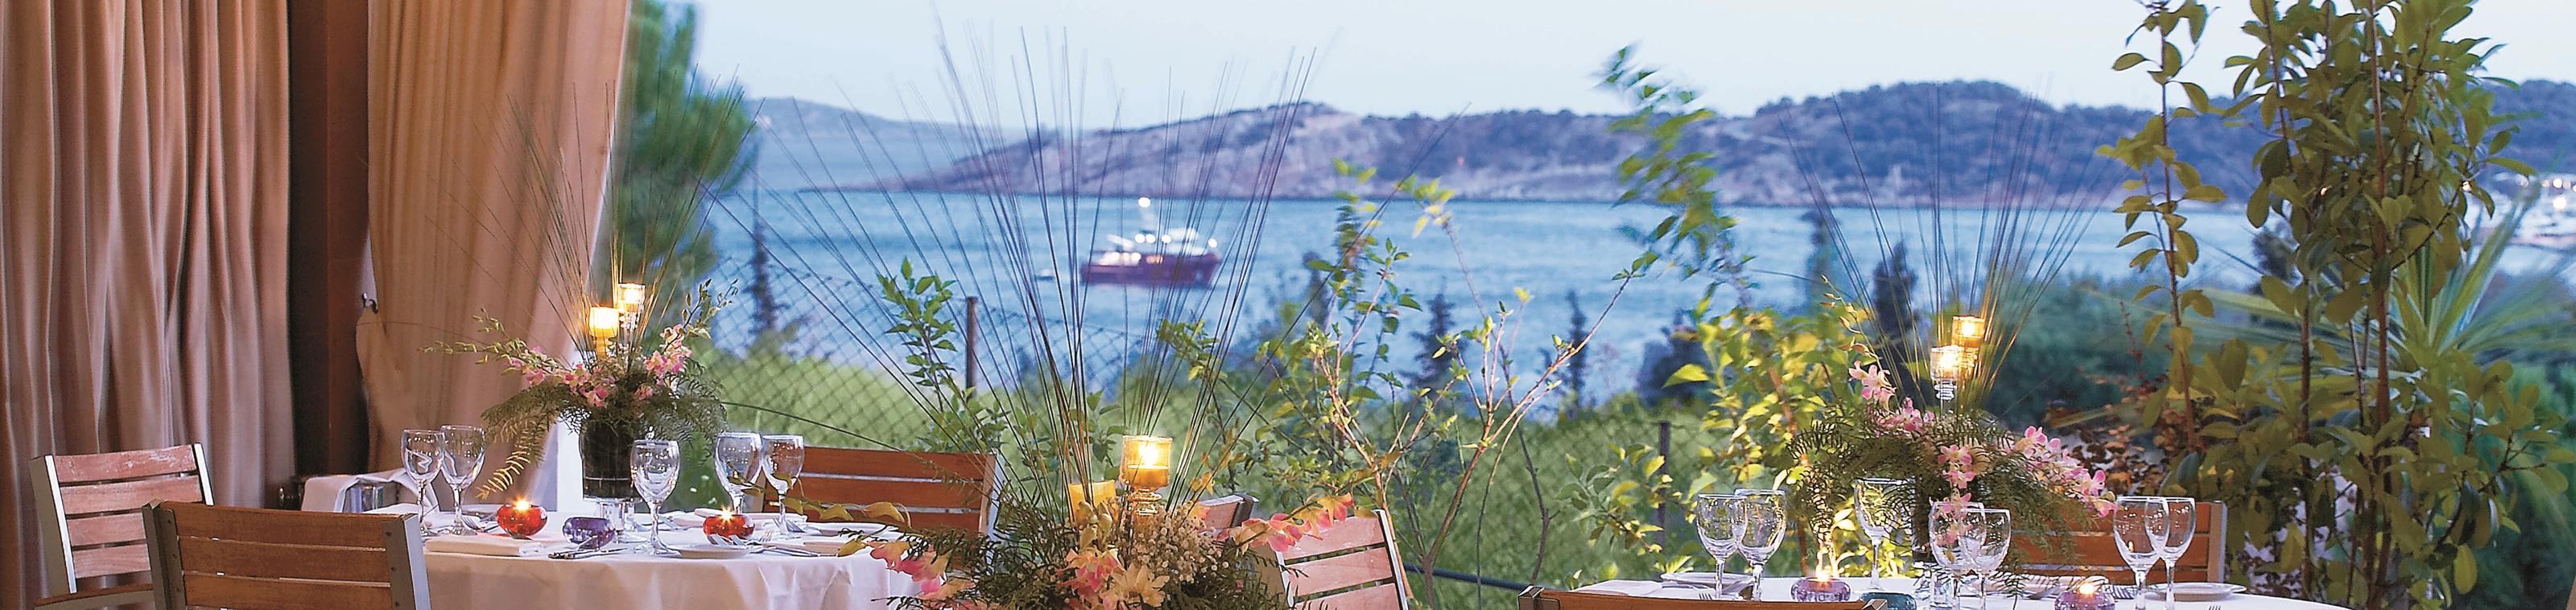 'Suite' dreams aan de Atheense kust